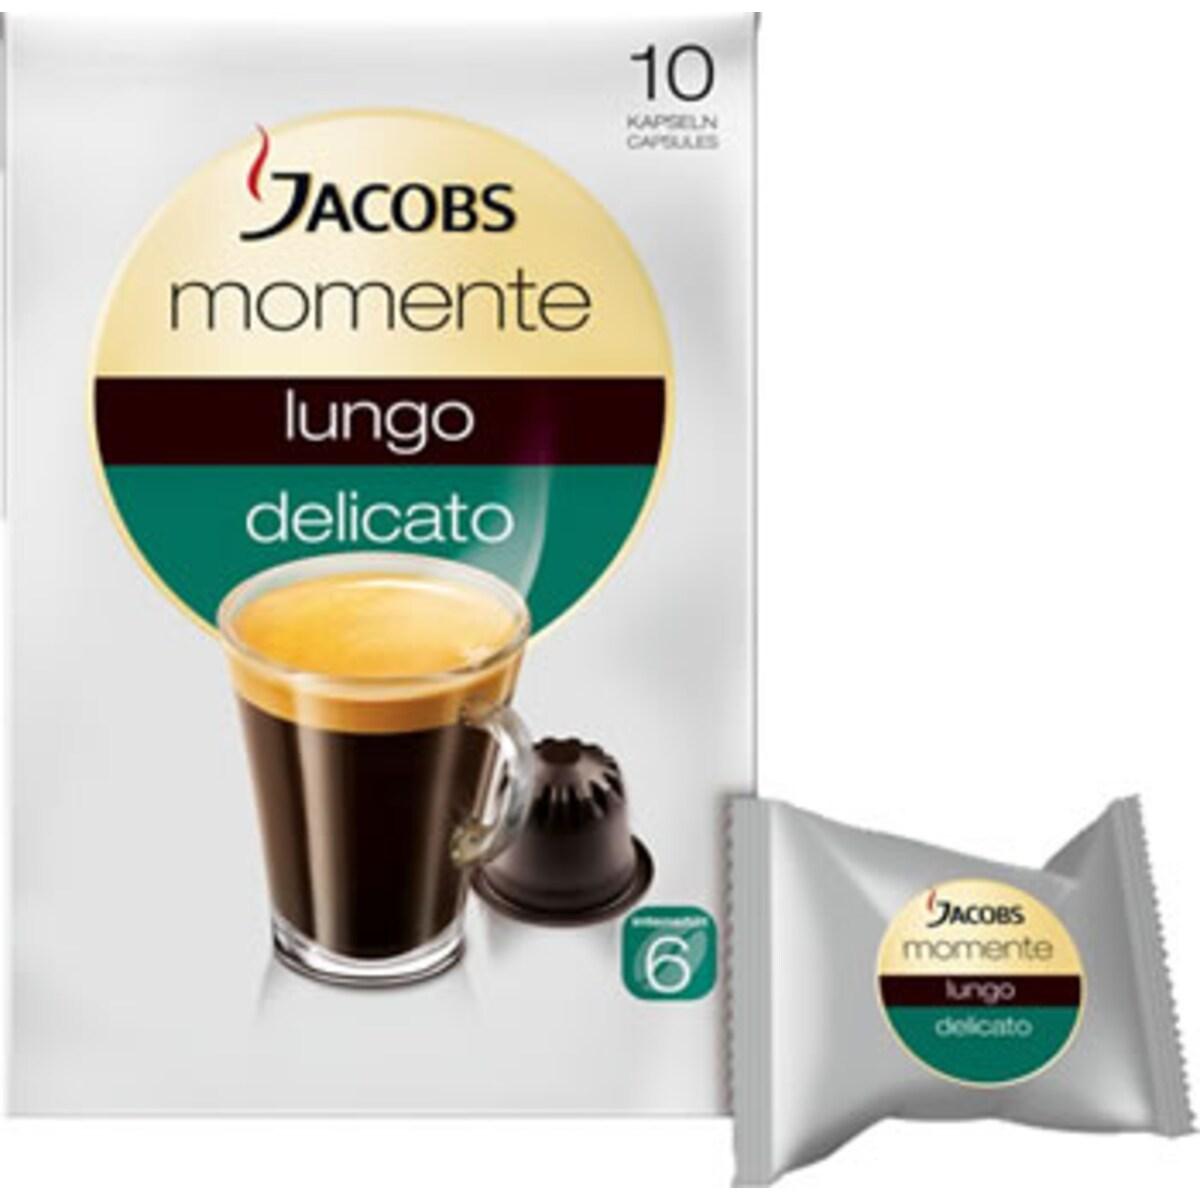 Jacobs Lungo Delicato